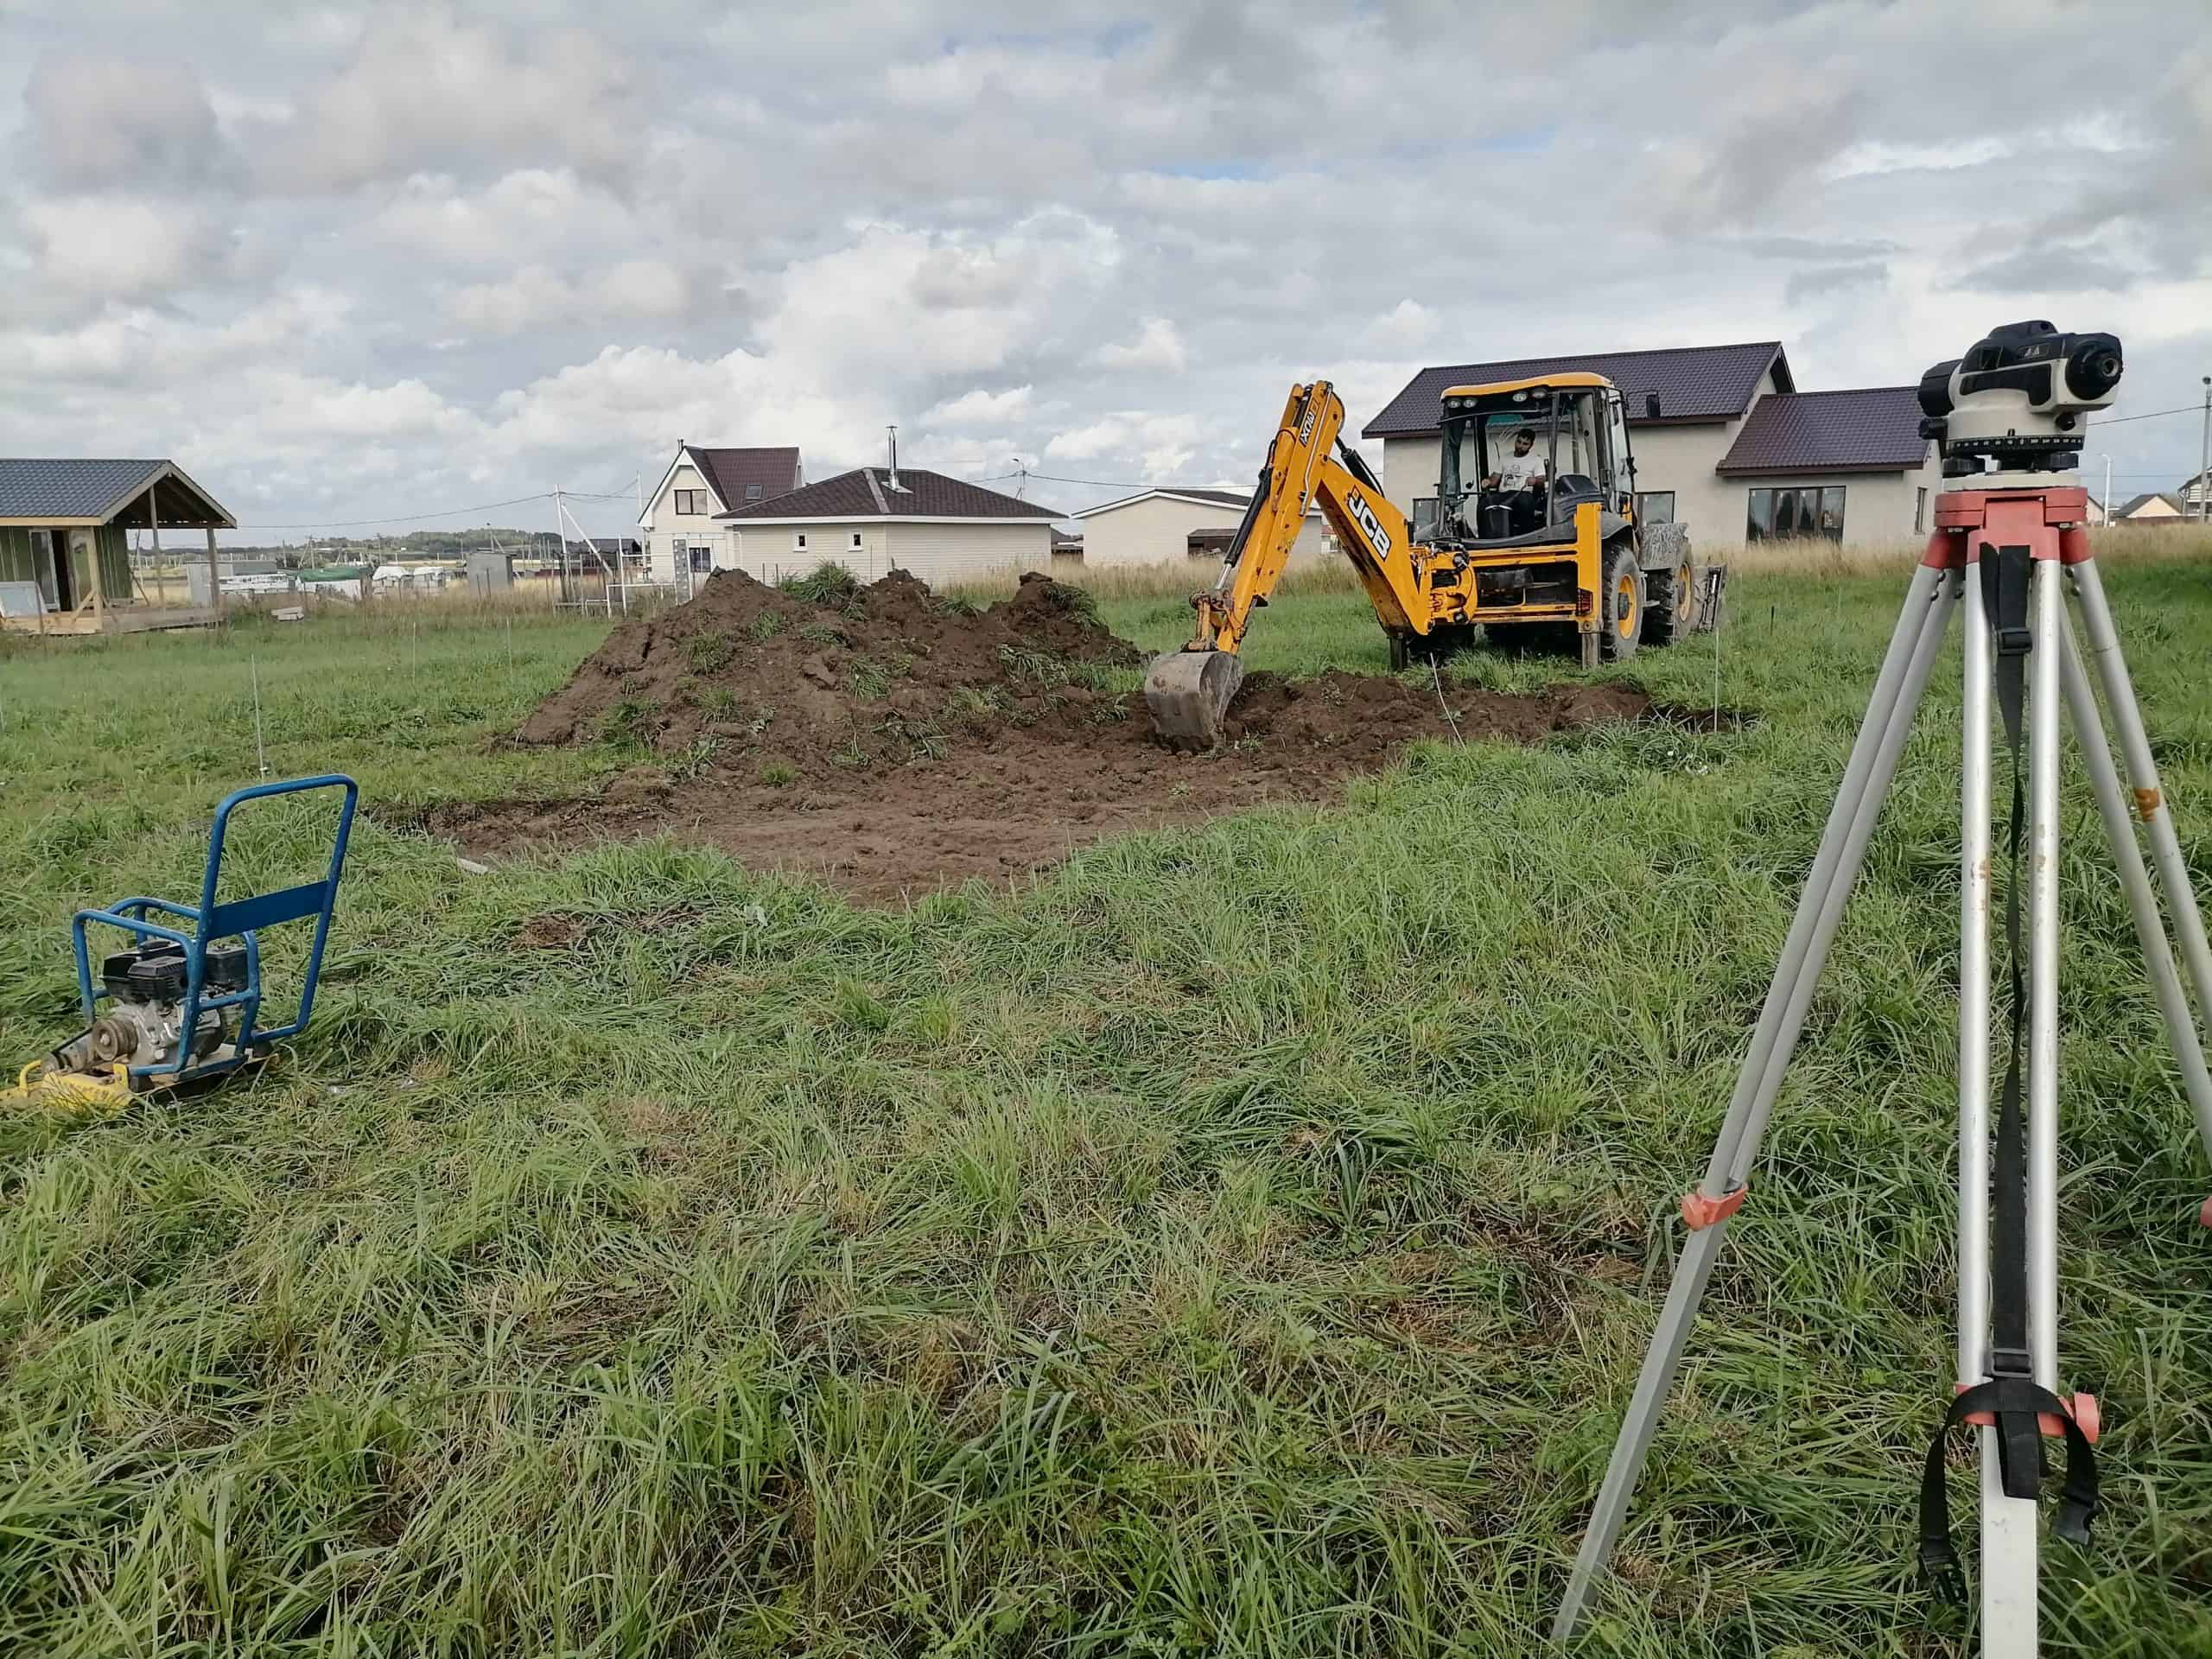 2021 Выполняем заливку фундамента 118м² в посёлке «Аннино»